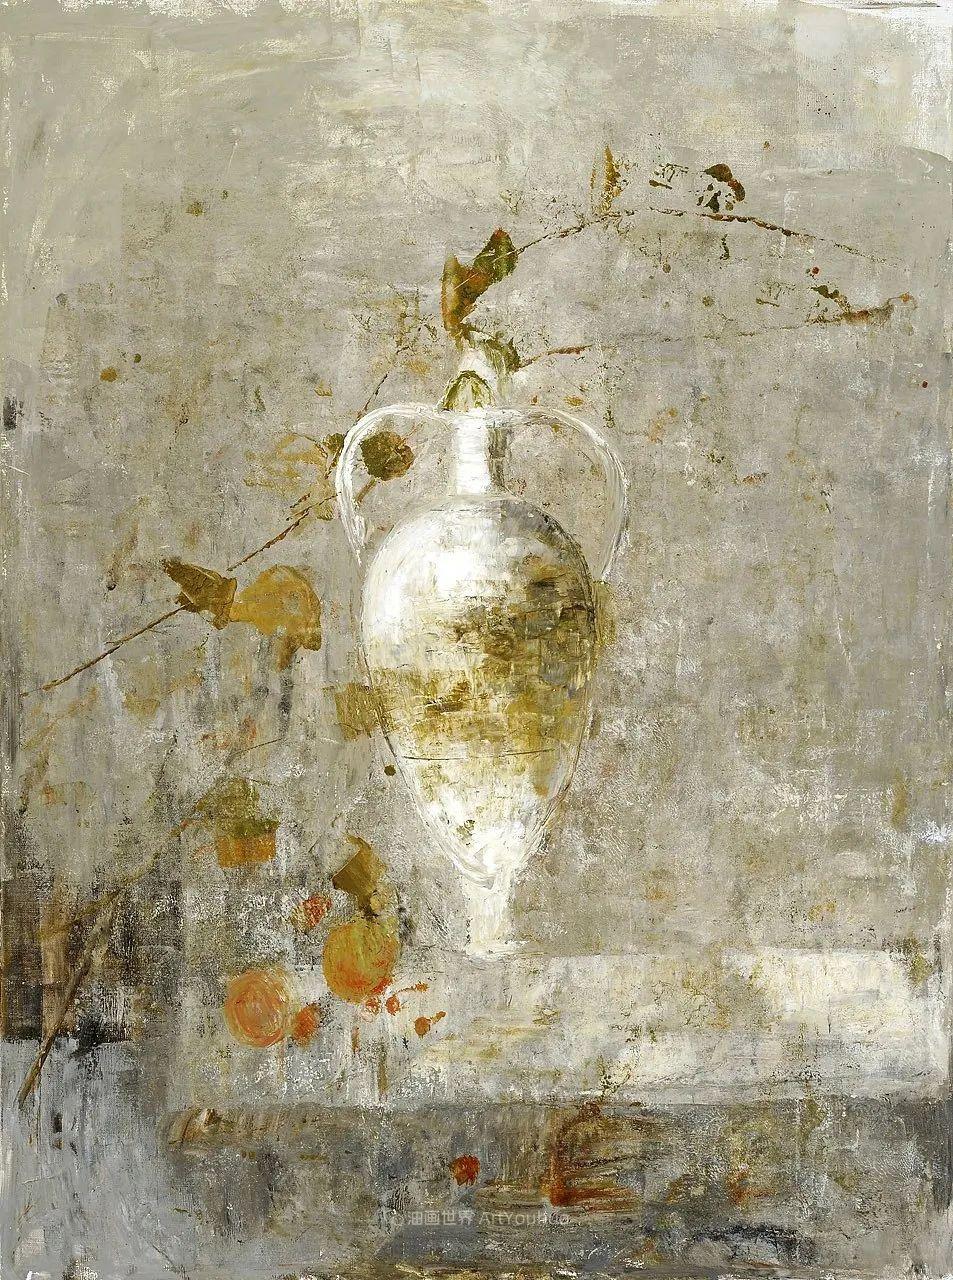 她从古代壁画中汲取灵感,但作品有一种非常现代、神秘的感觉!插图107